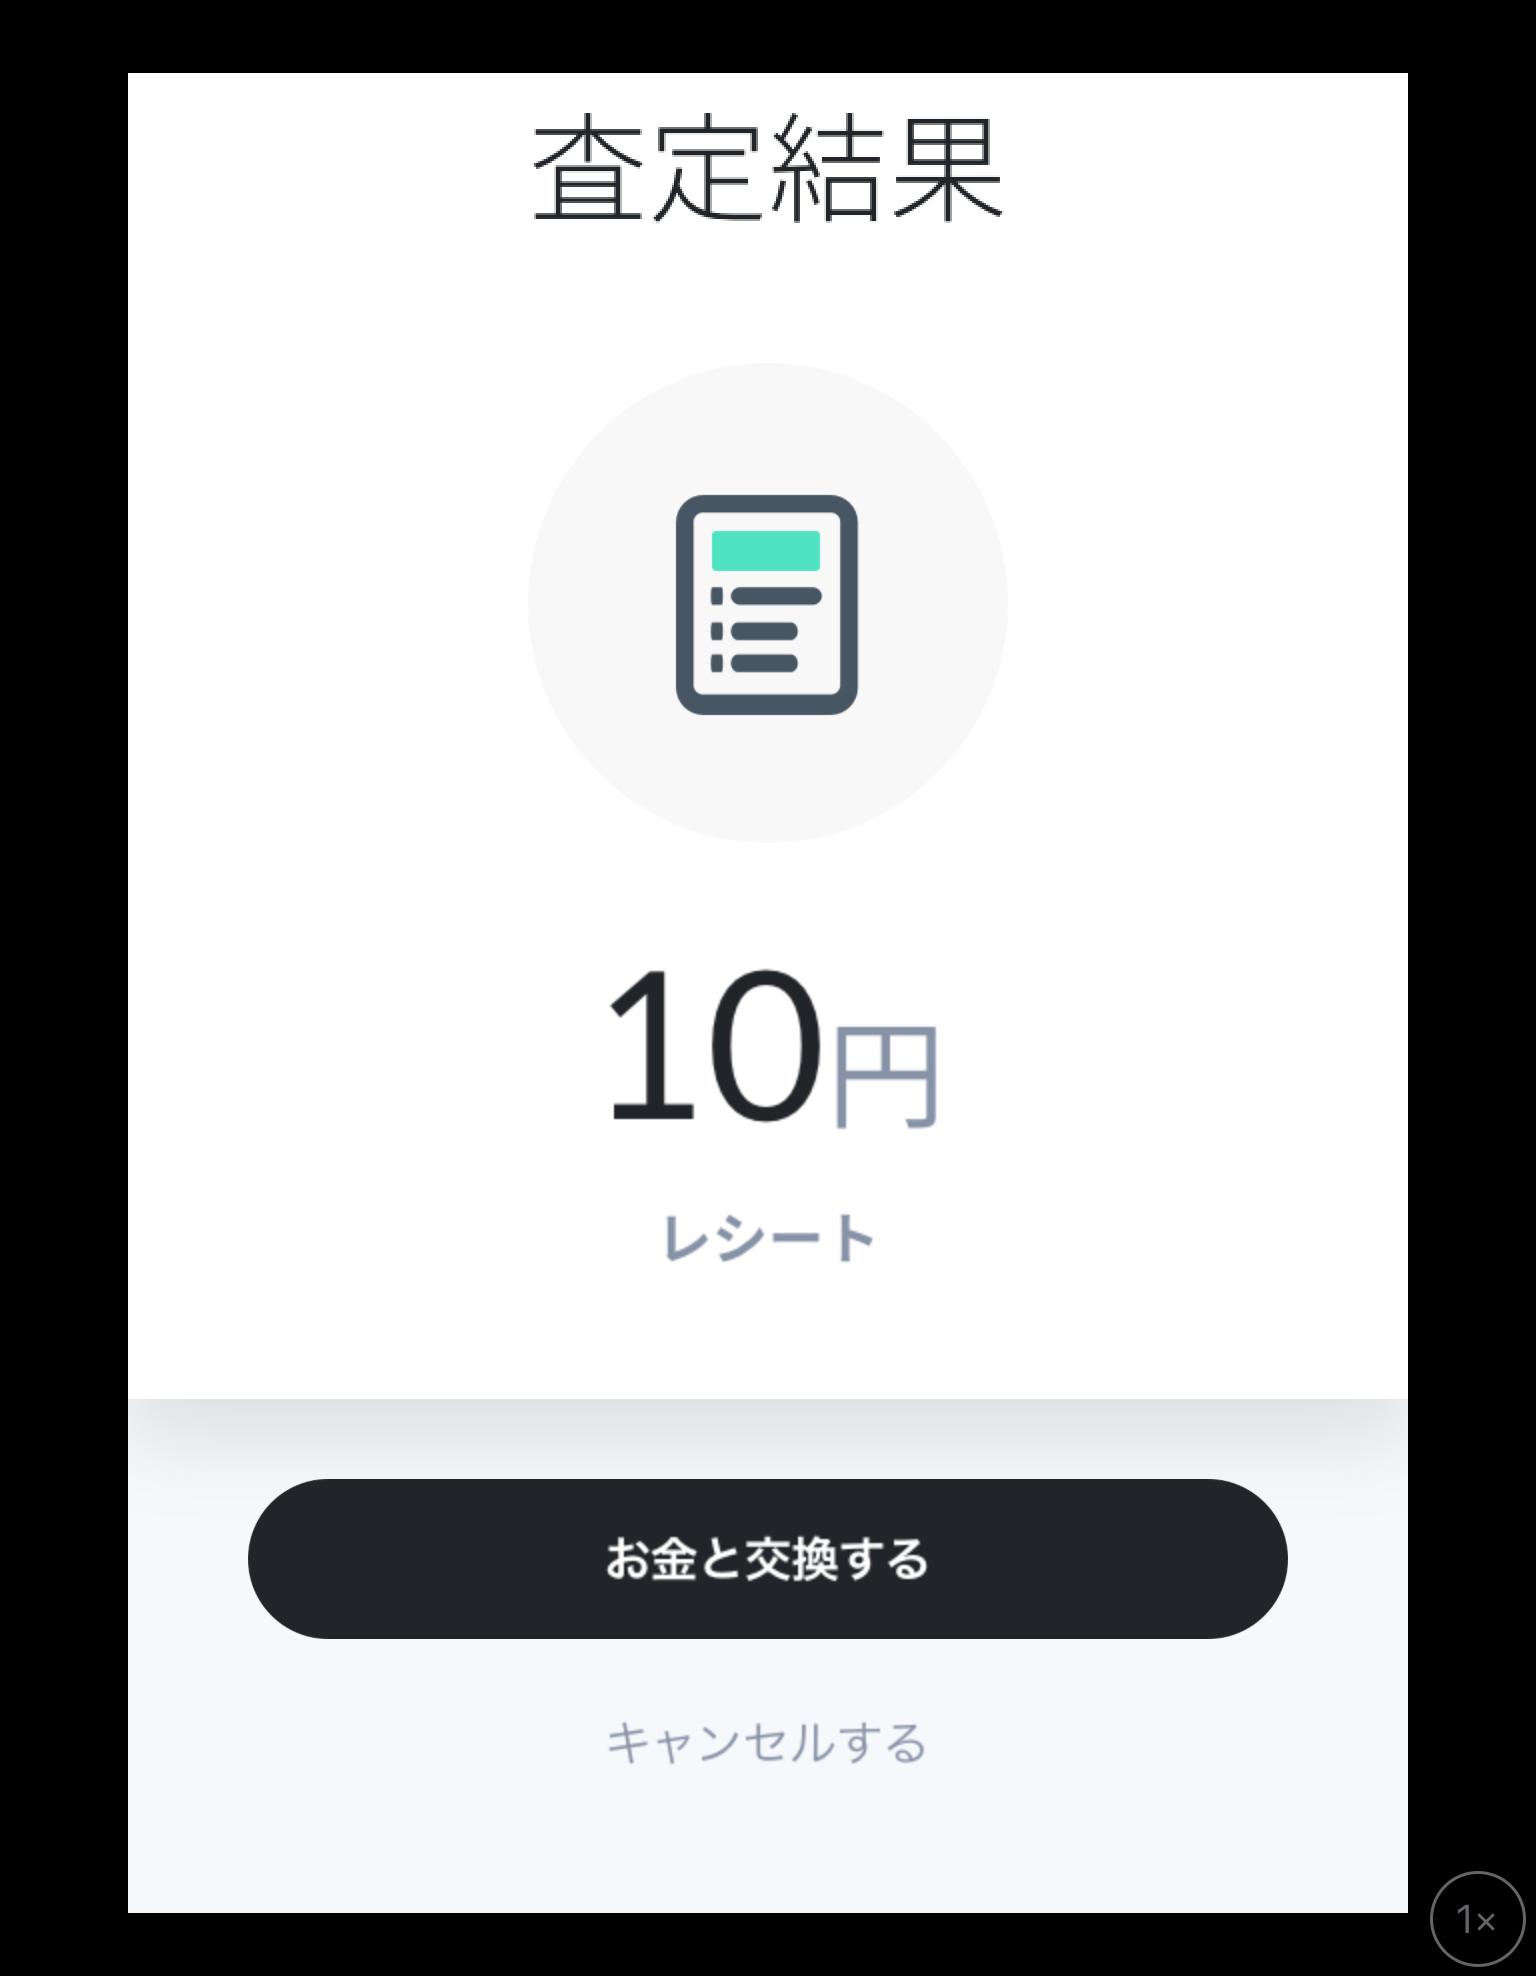 レシート1枚が10円になるアプリ「ONE」で10円ゲット